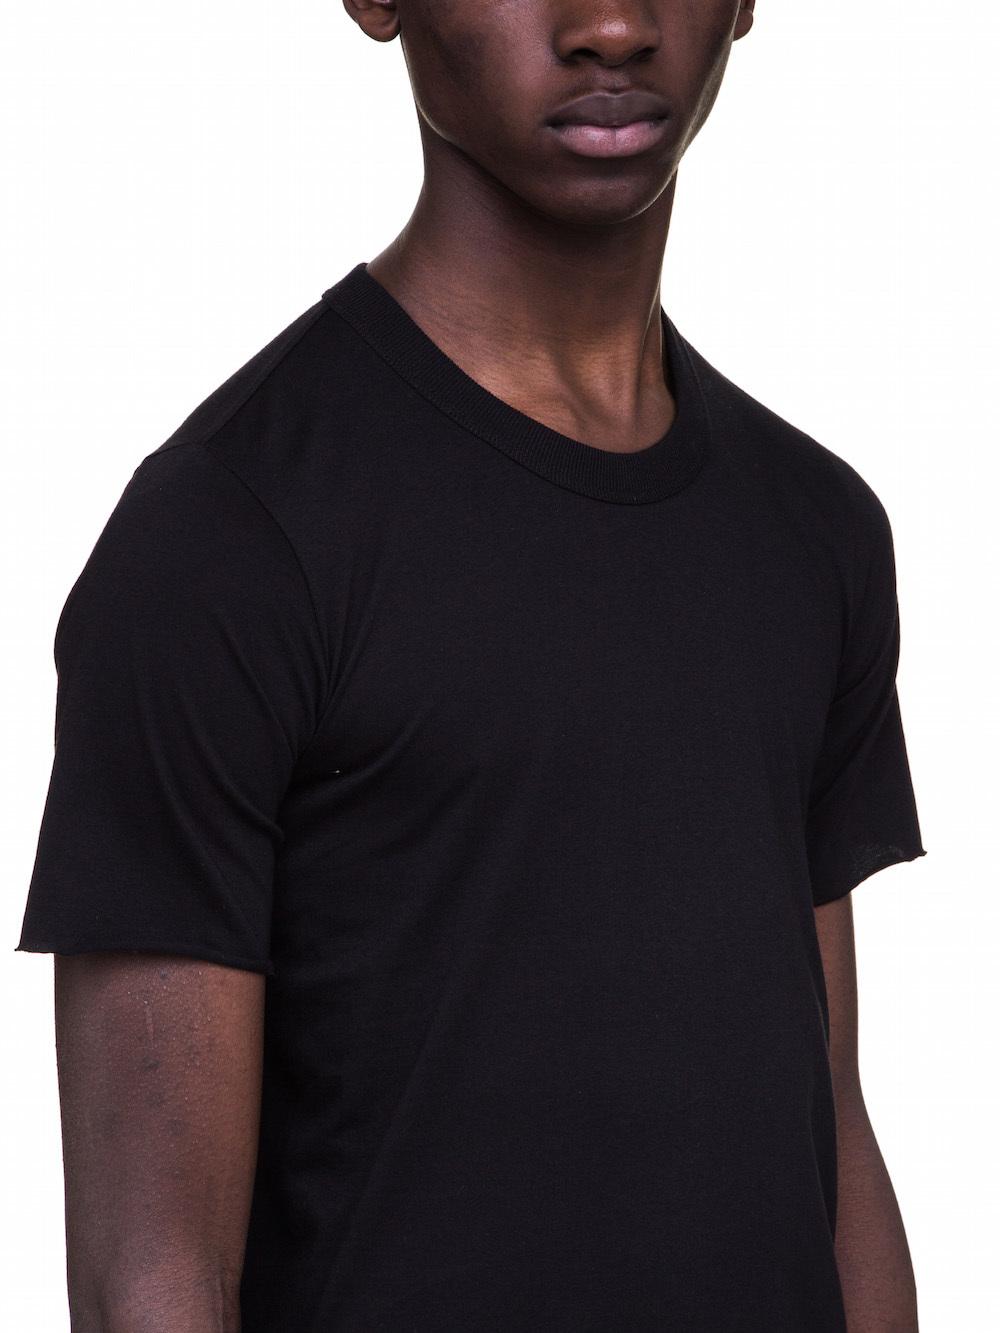 RICK OWENS BASIC SHORT SLEEVES TEE IN BLACK